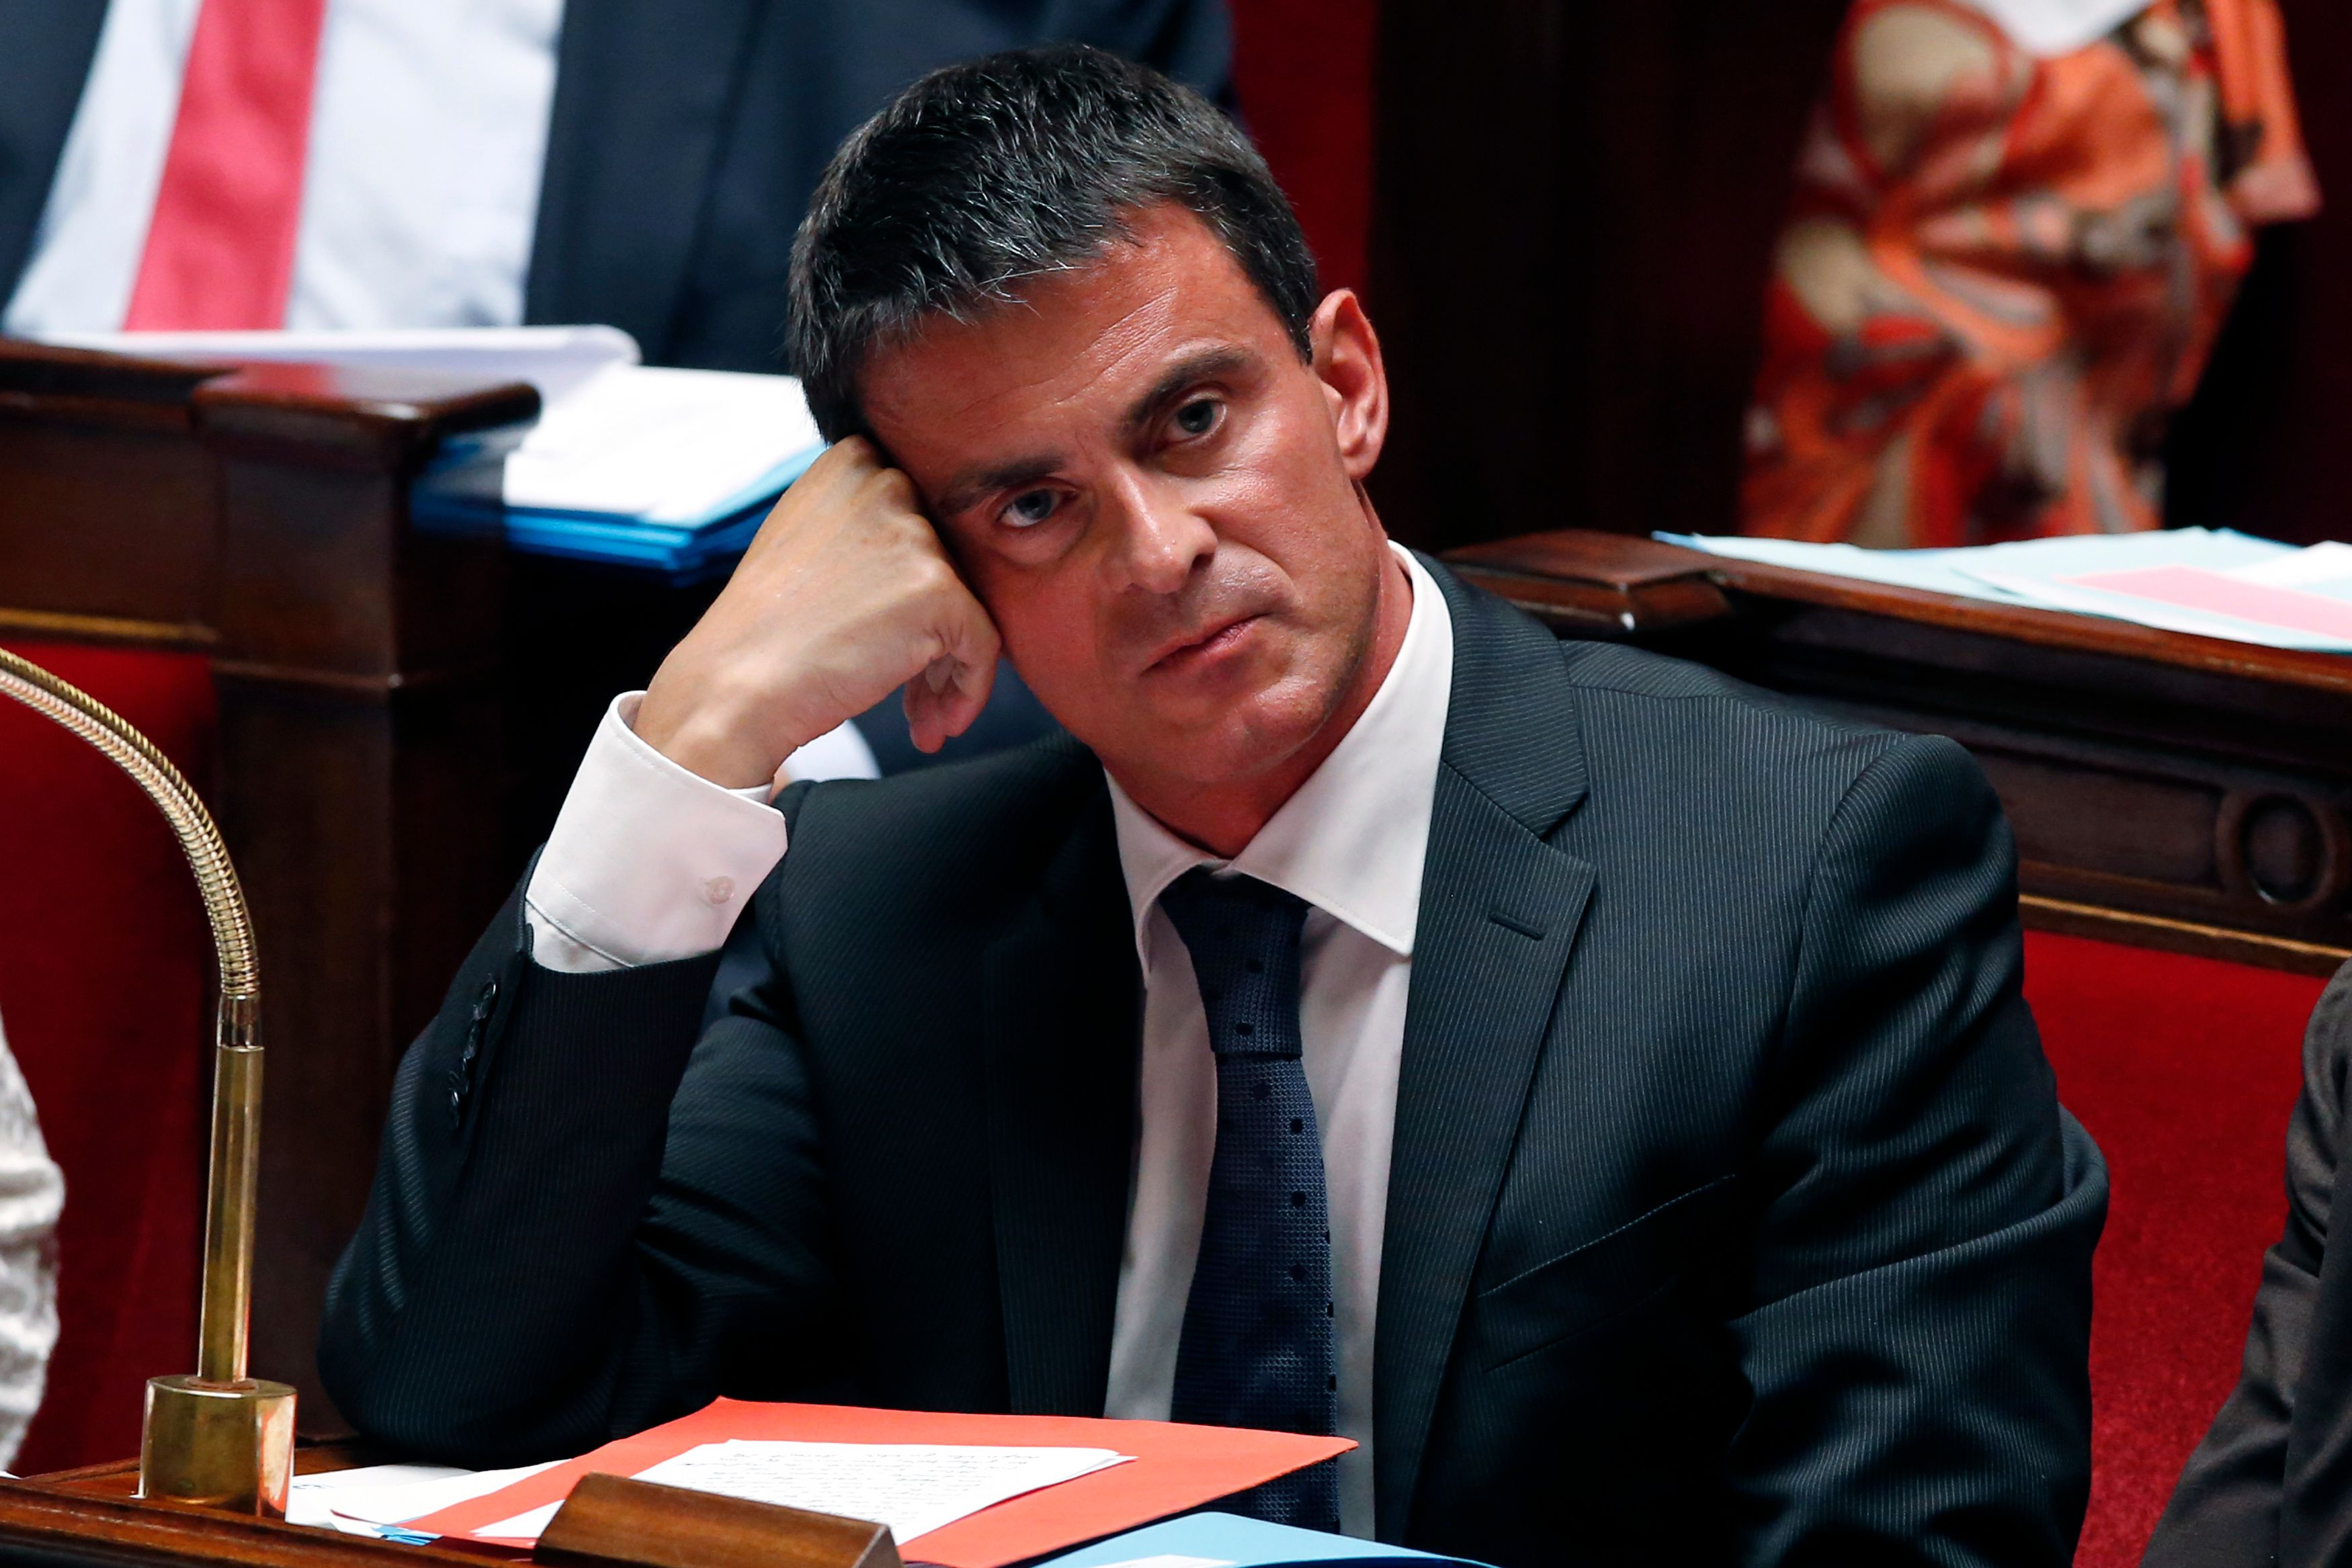 Manuel Valls a convié certains députés PS et pas d'autres à une soirée à l'Assemblée nationale mercredi soir